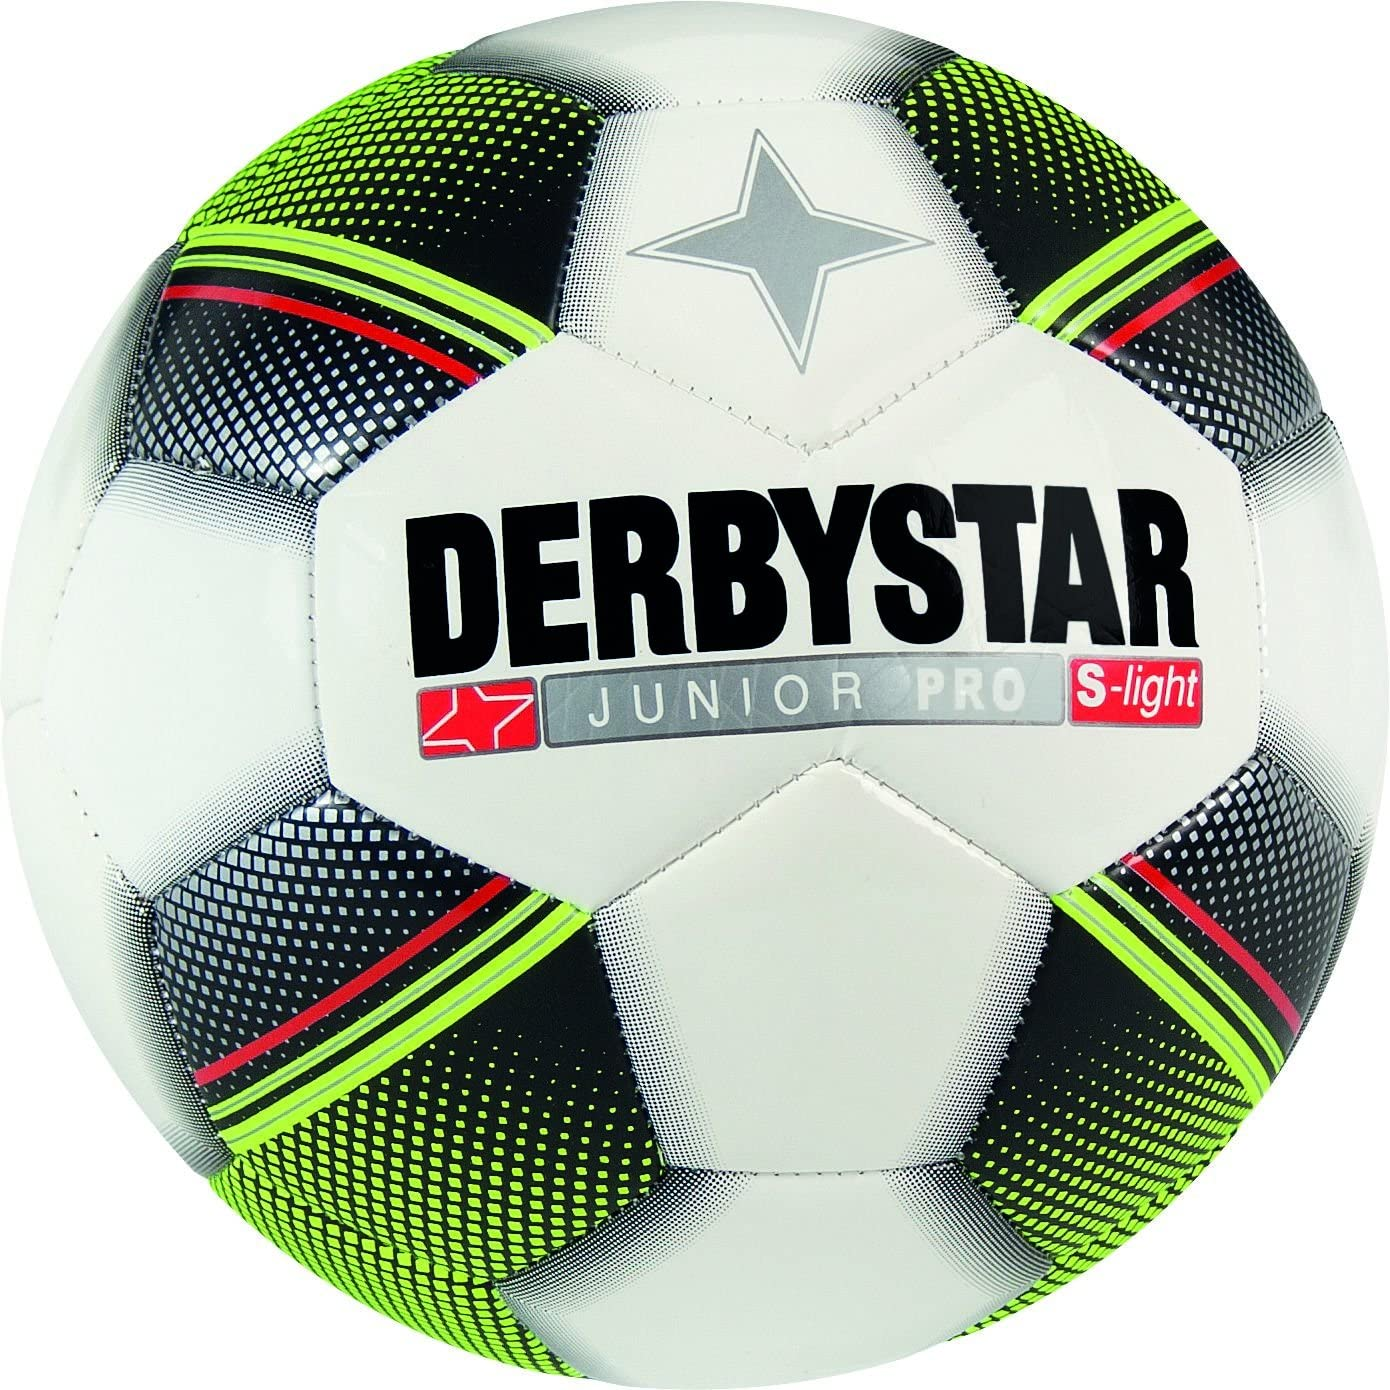 Derbystar Junior S-Light - Fußball kaufen